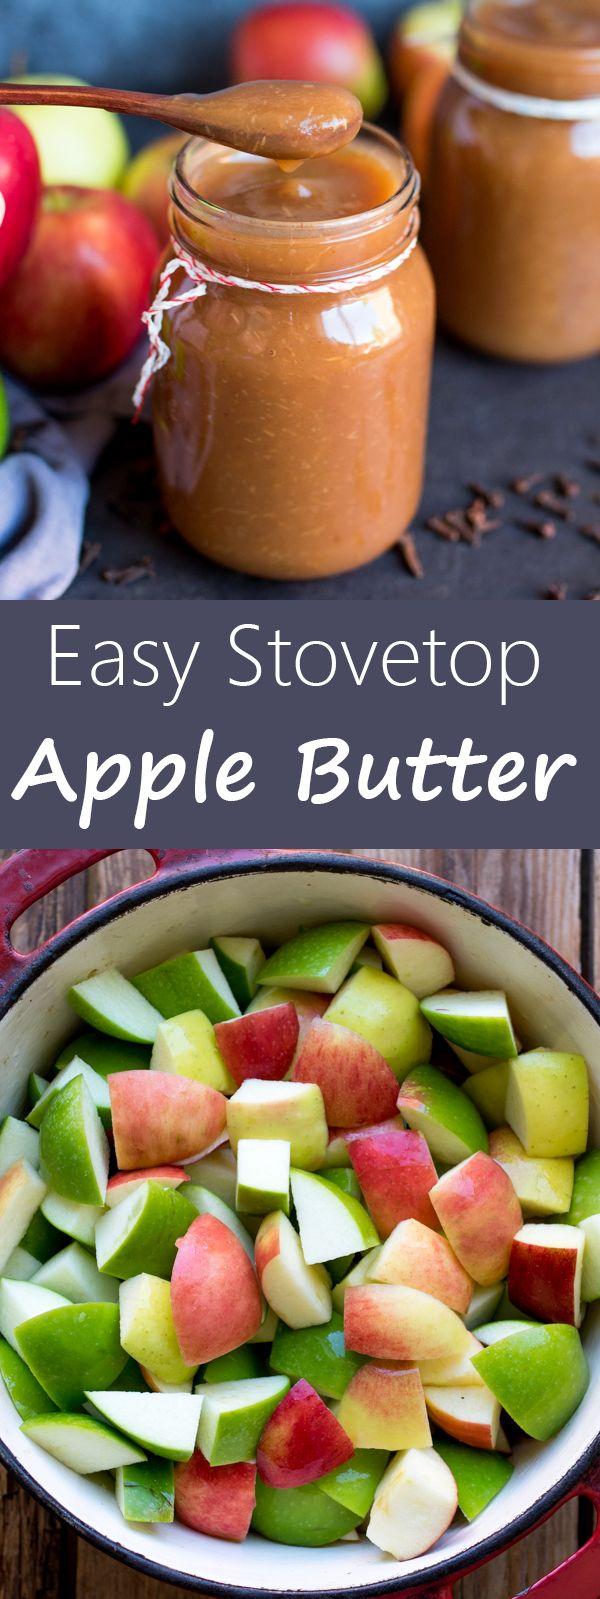 easy-stovetop-apple-butter-pin.jpg